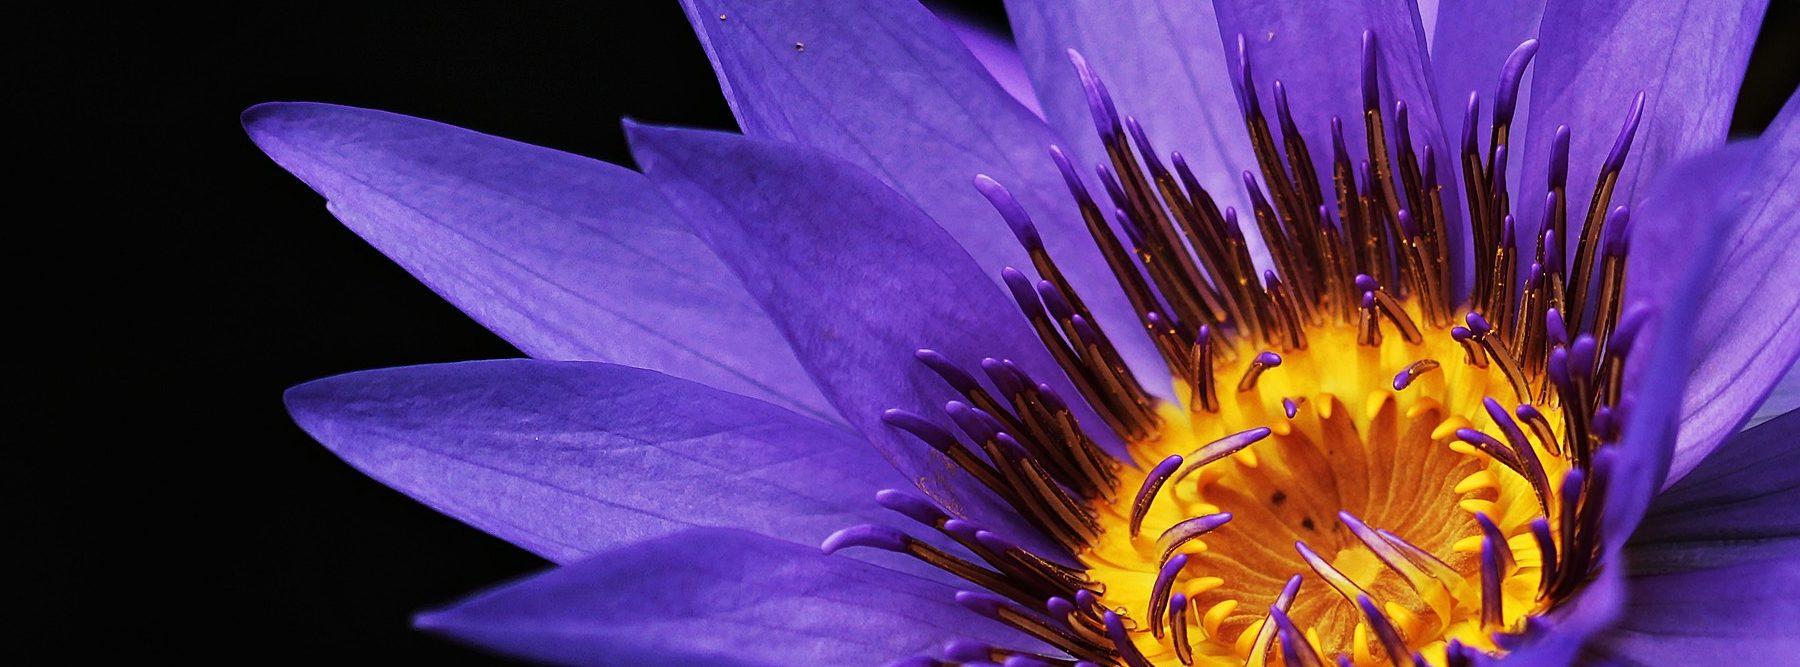 La NASA busca medir el crecimiento y el brillo de las plantas